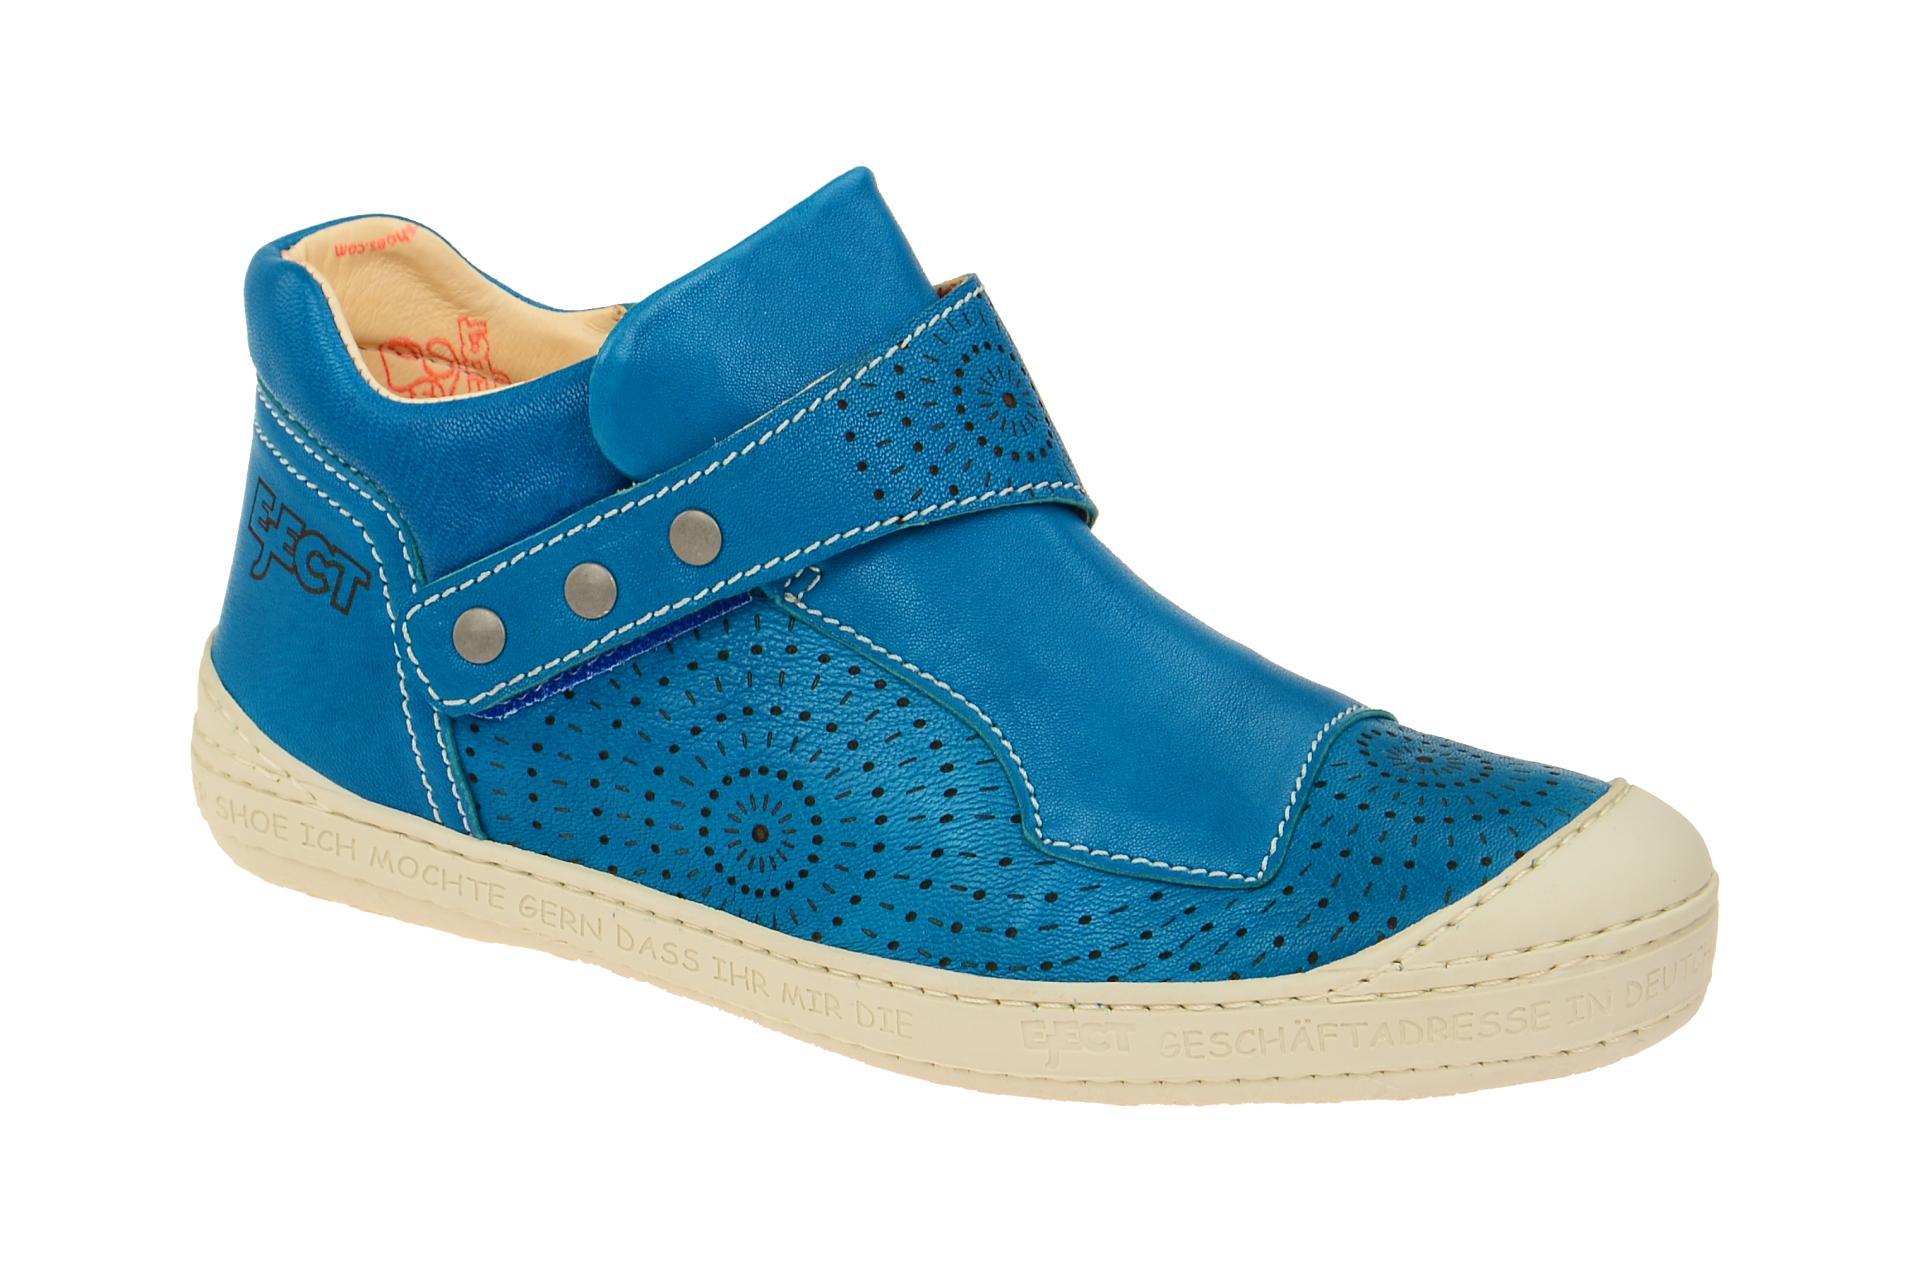 Eject DASS Damen zapatos  - Stiefeletten Stiefeletten - blau NEU 7a2a6c